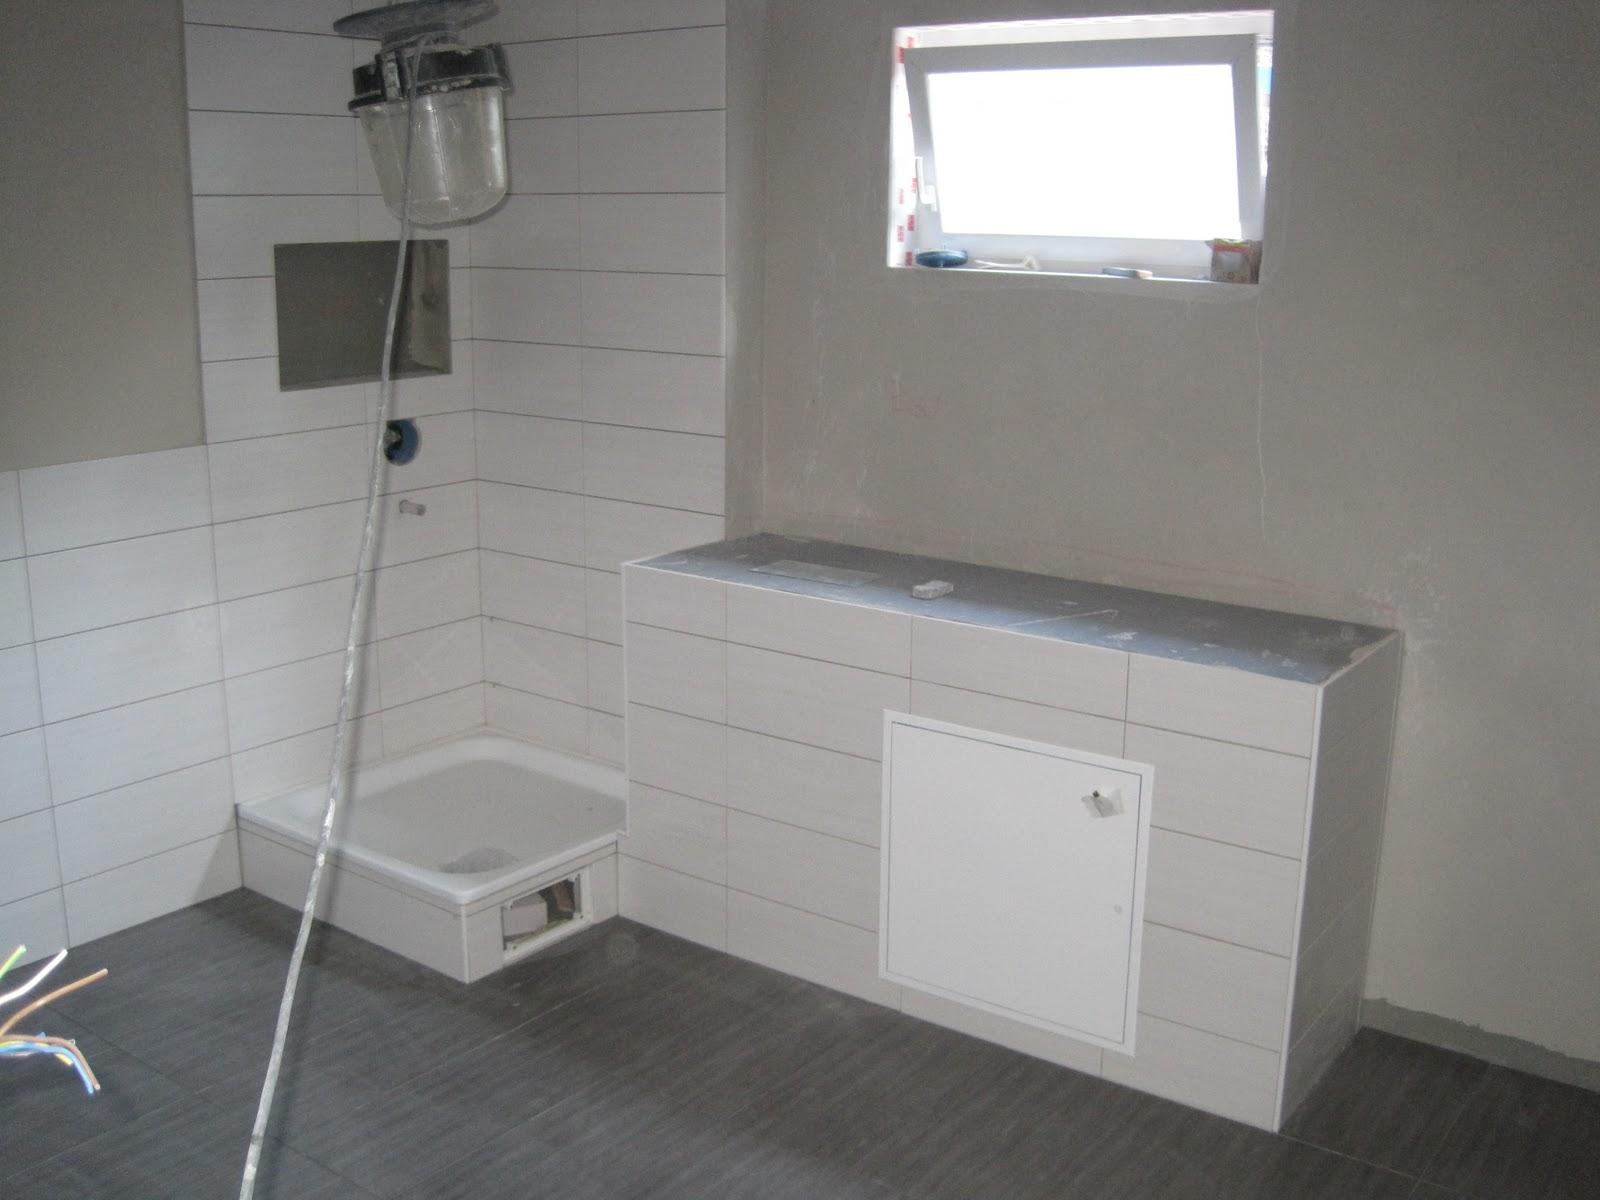 das noriplana bautagebuch fliesen firma k stler und klier gmbh n rnberg. Black Bedroom Furniture Sets. Home Design Ideas